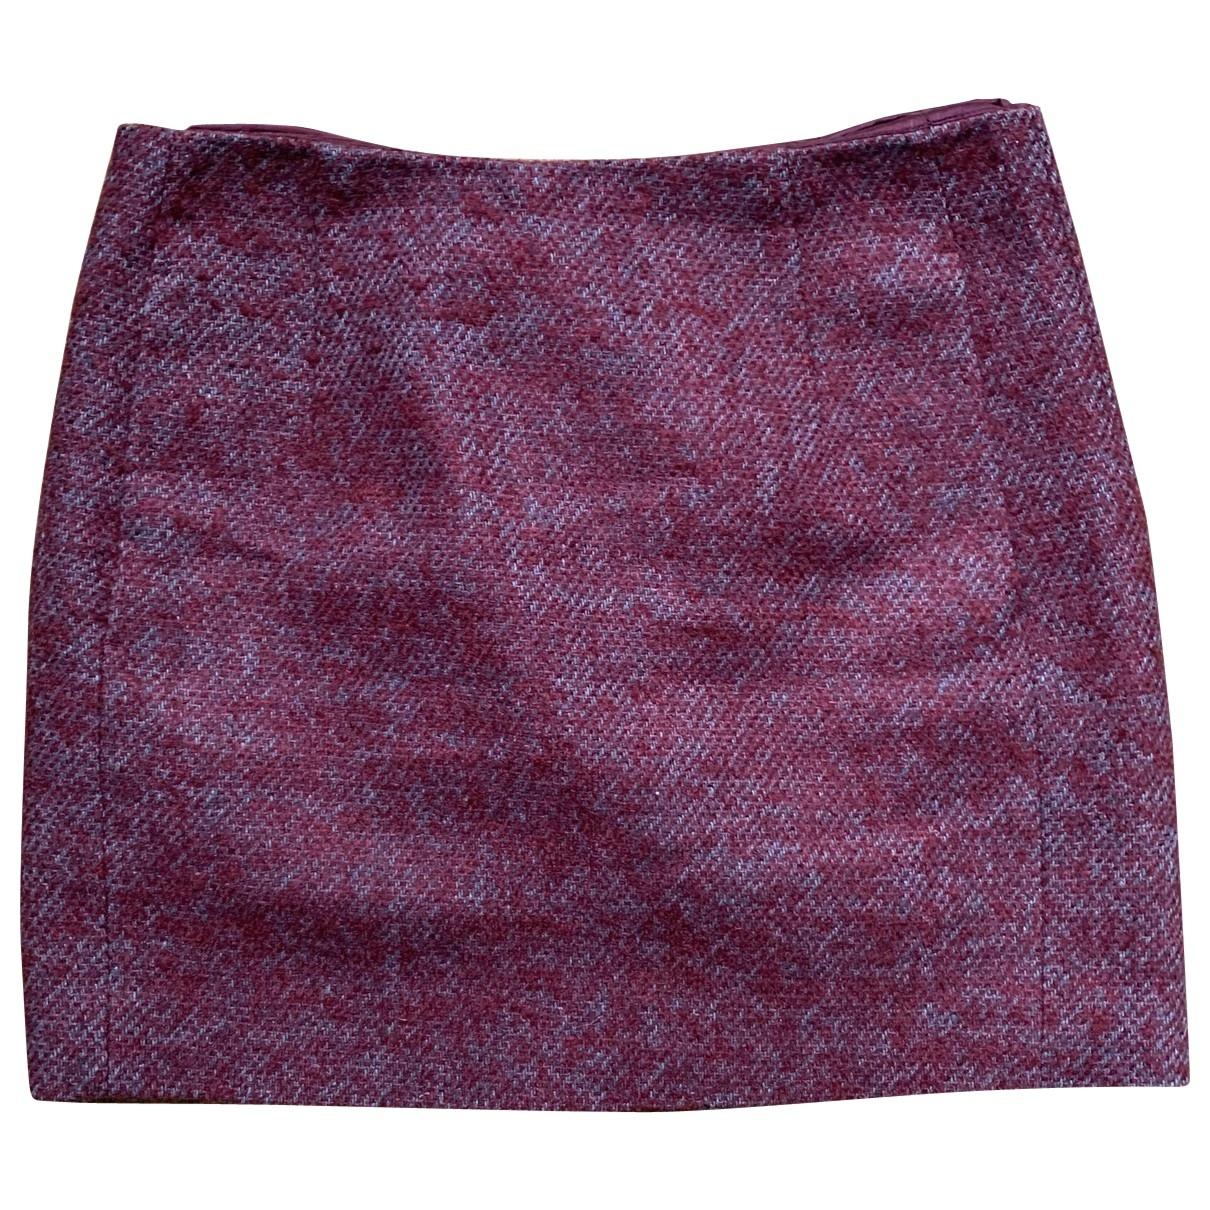 Acne Studios \N Red Silk skirt for Women XS International